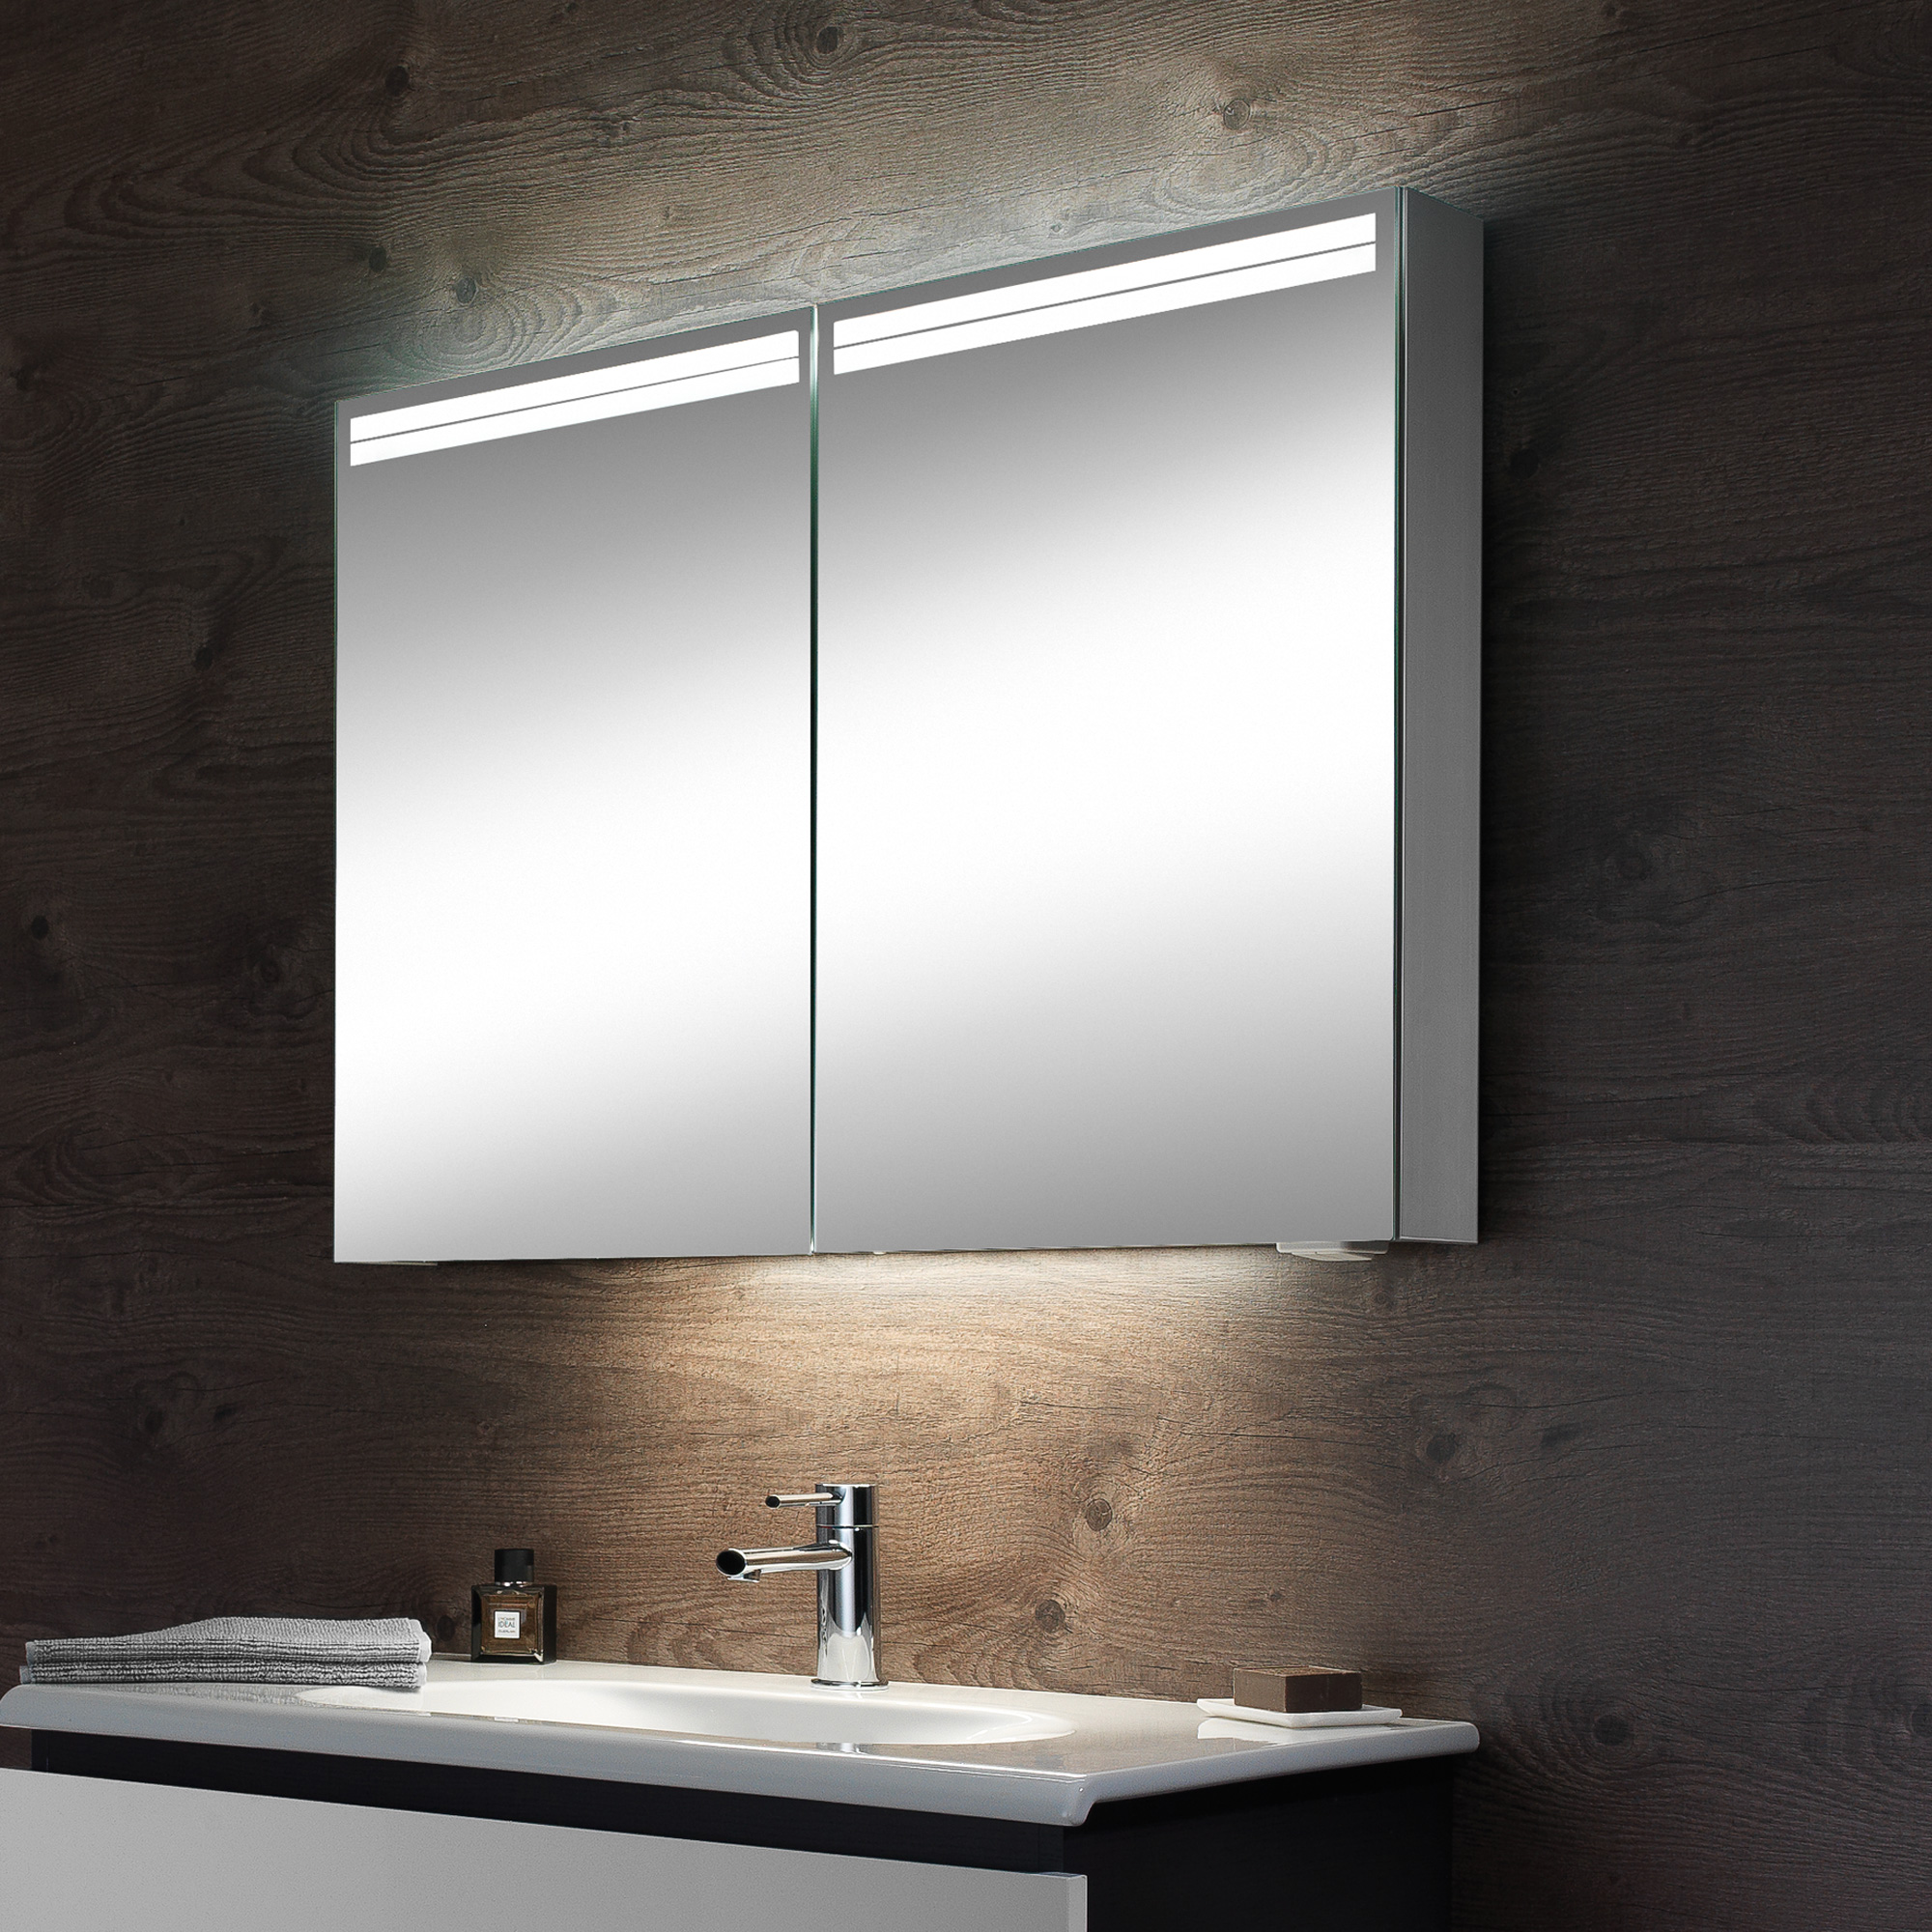 schneider arangaline spiegelschrank b 80 h 70 t 12 cm. Black Bedroom Furniture Sets. Home Design Ideas